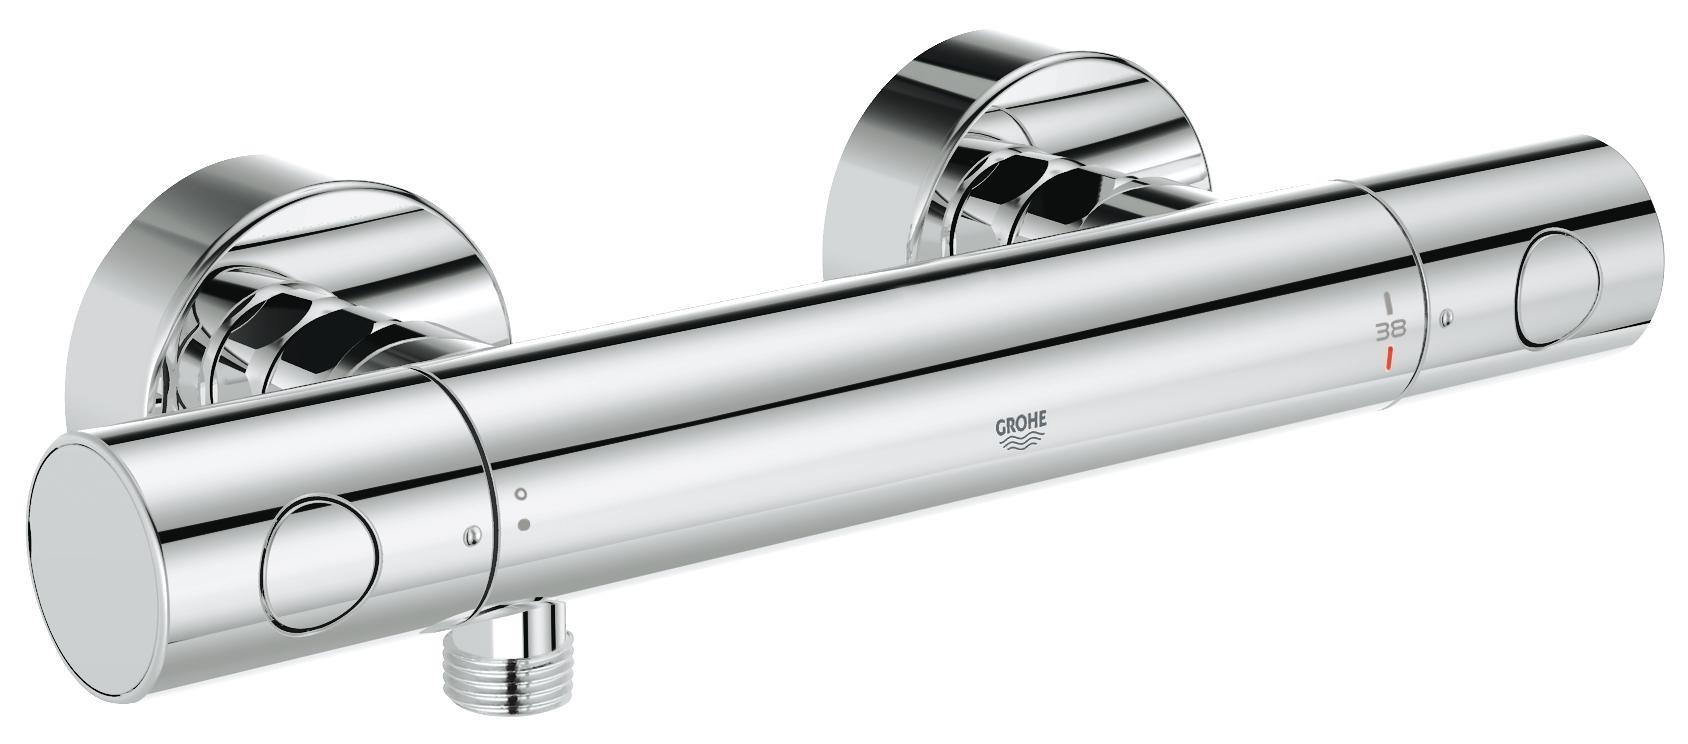 Купить Термостат для душа Grohe Grohtherm 1000 Cosmopolitan New 34065002, Германия